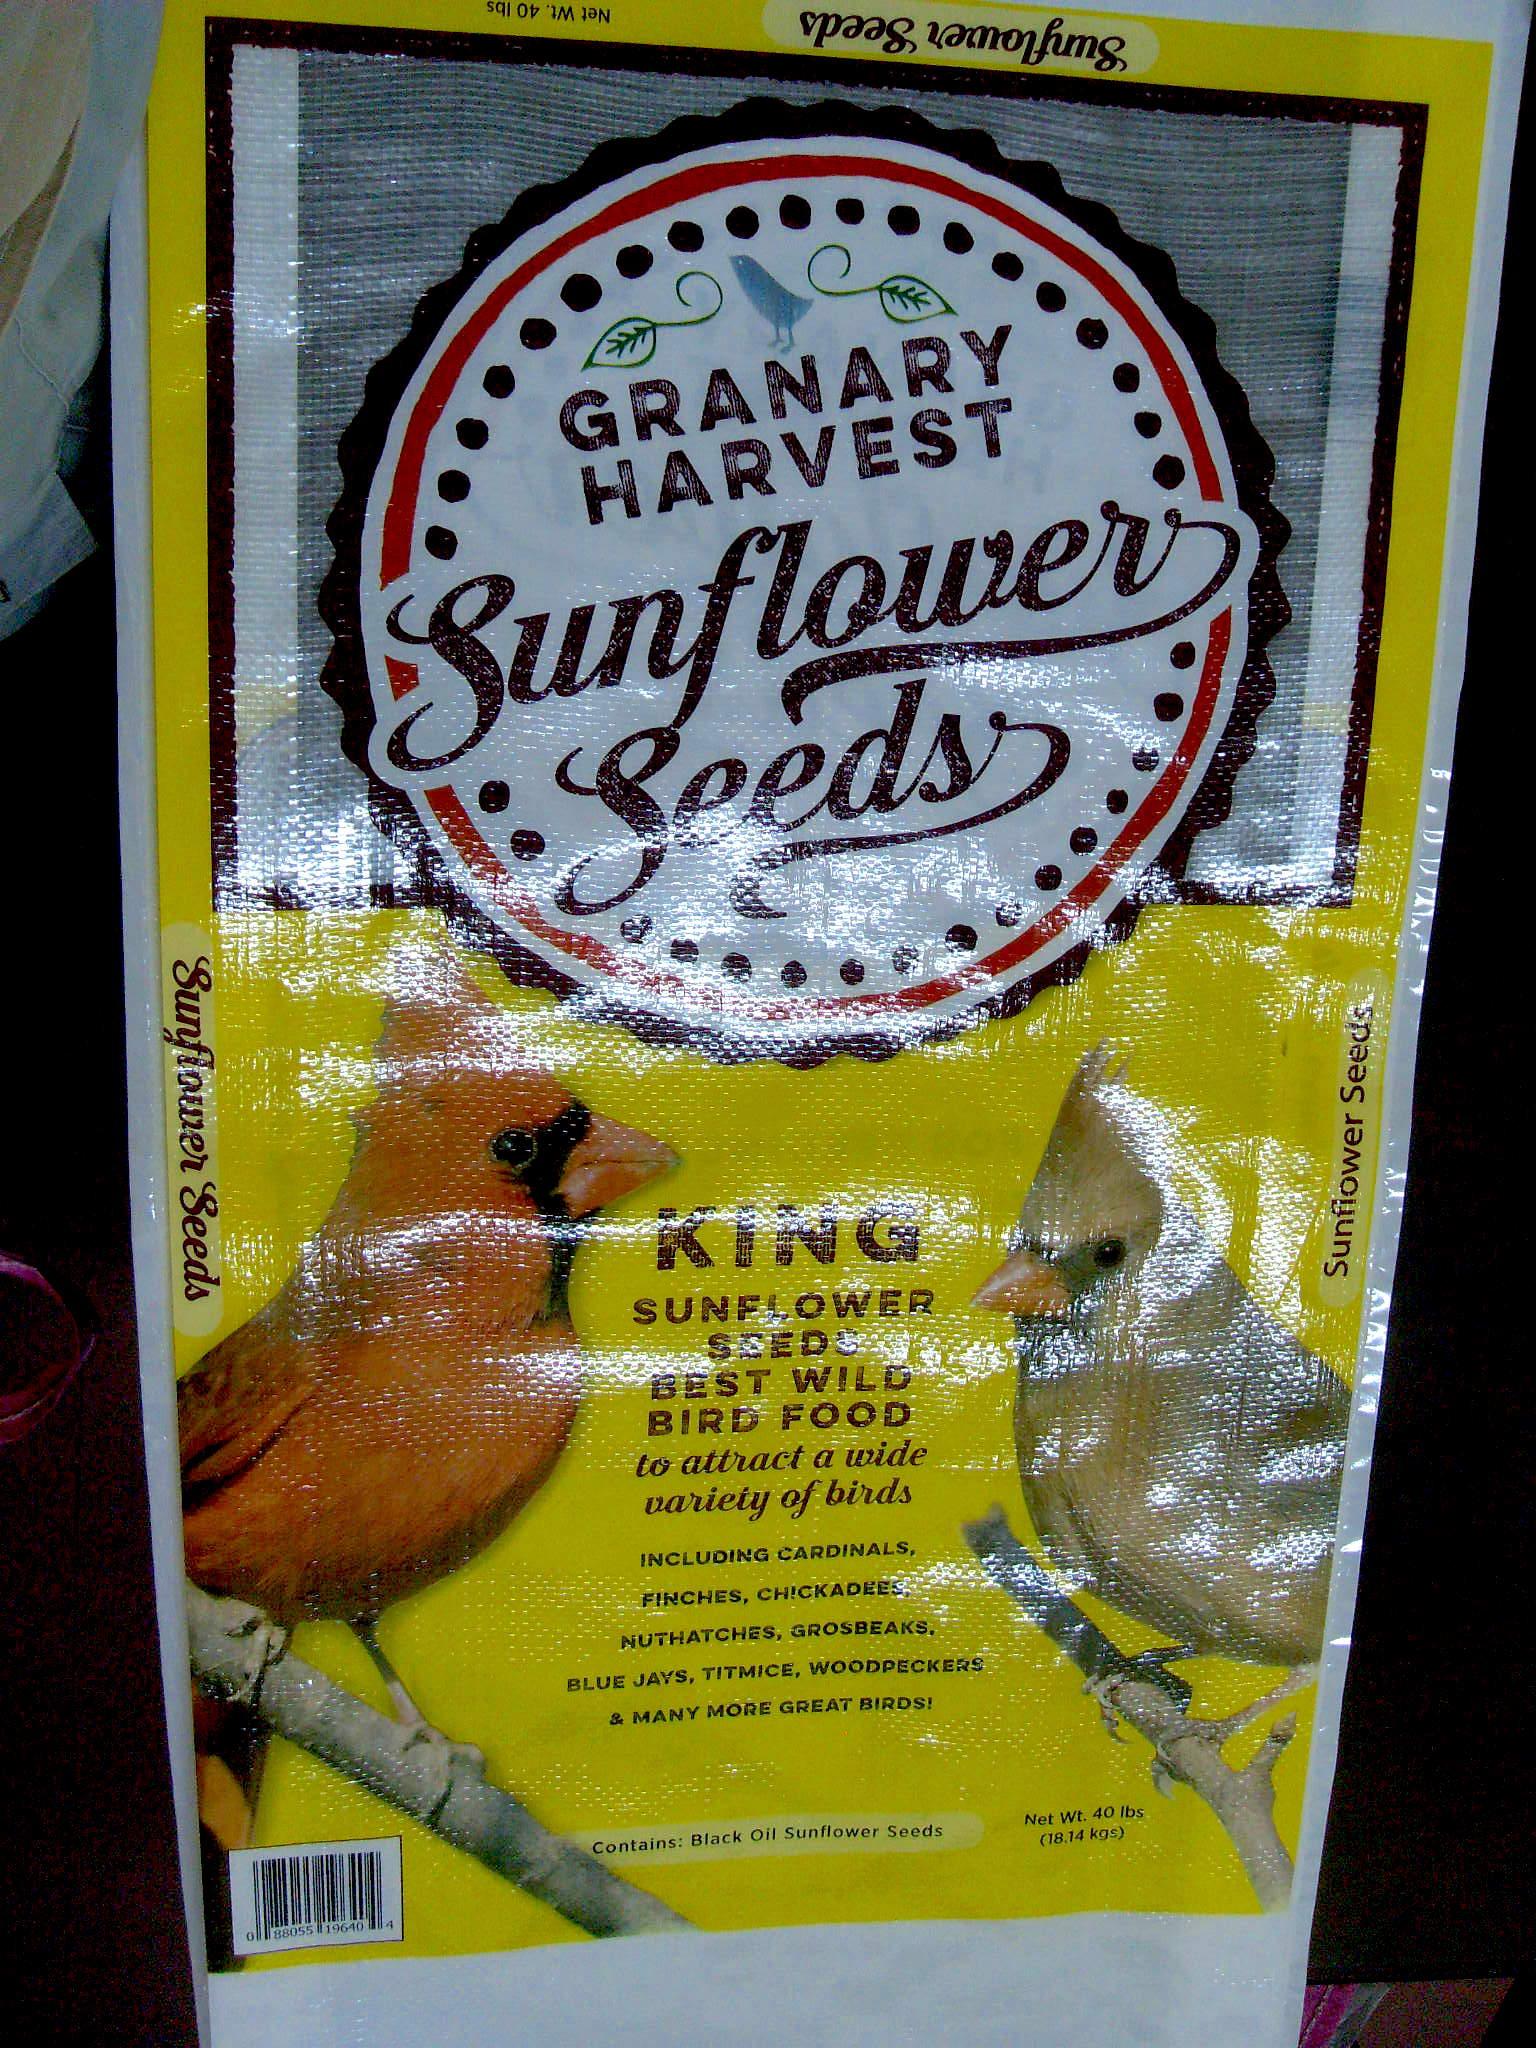 woven polypropylene bags for sunflower seeds